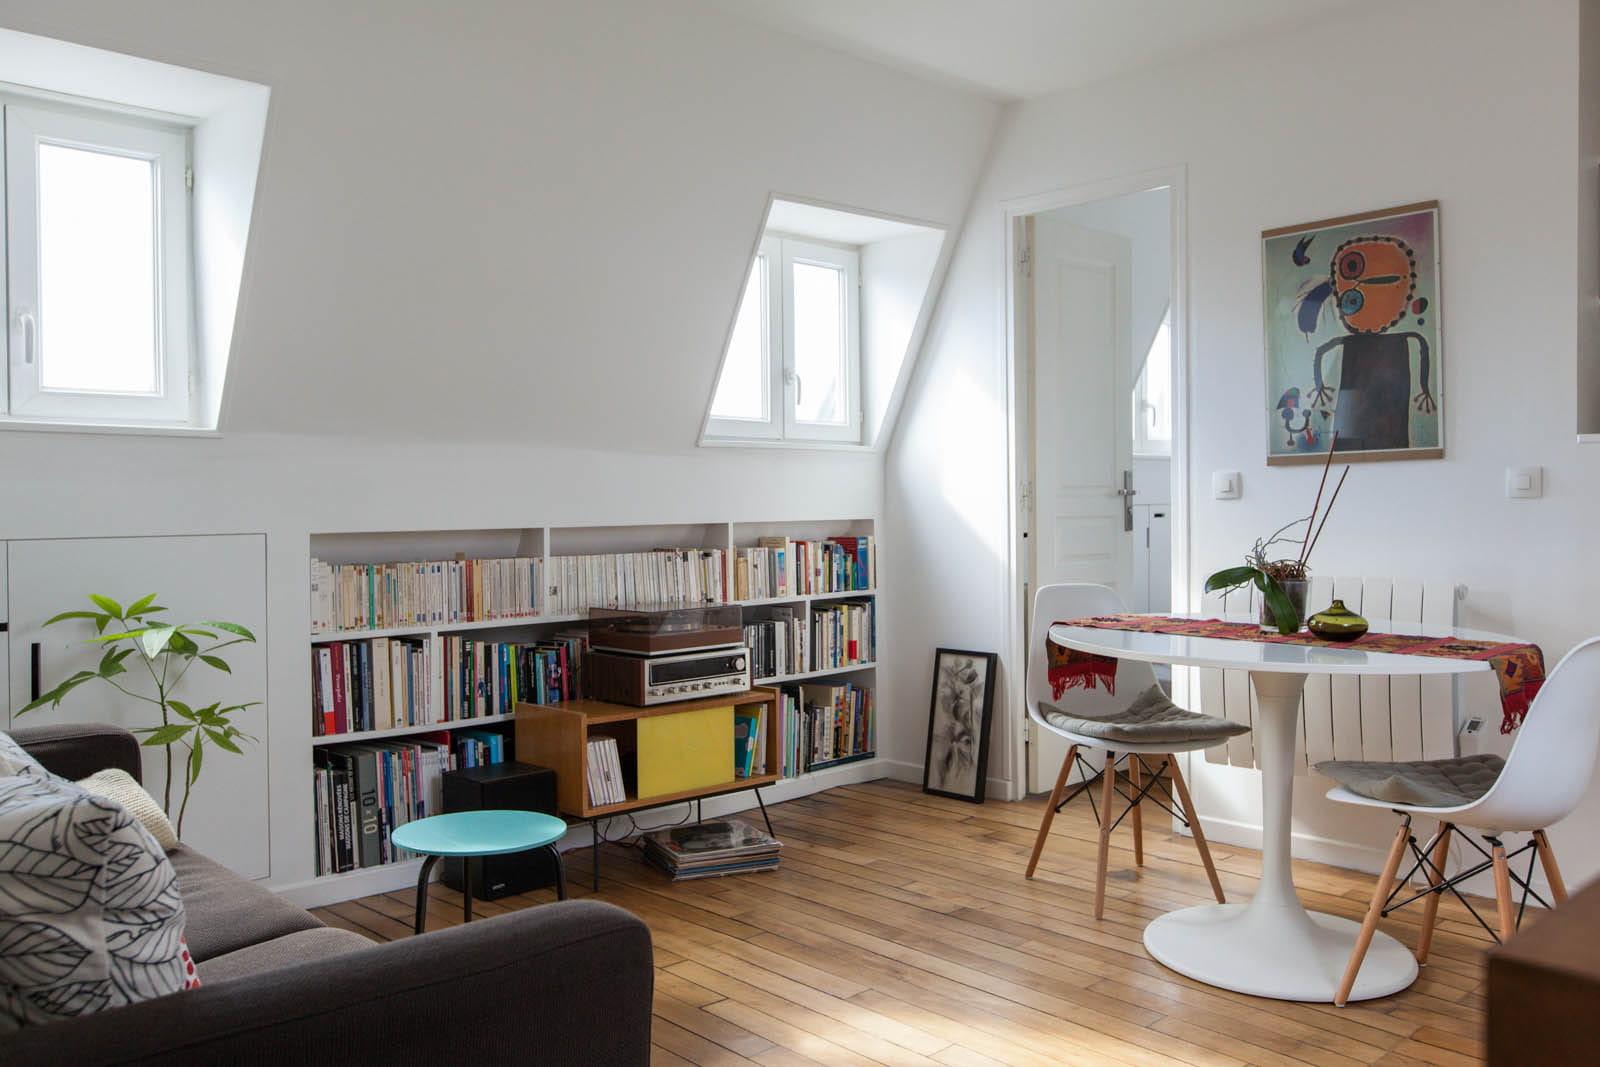 Petit espace un chouette nid sous les combles journal for Deco chambre petit espace